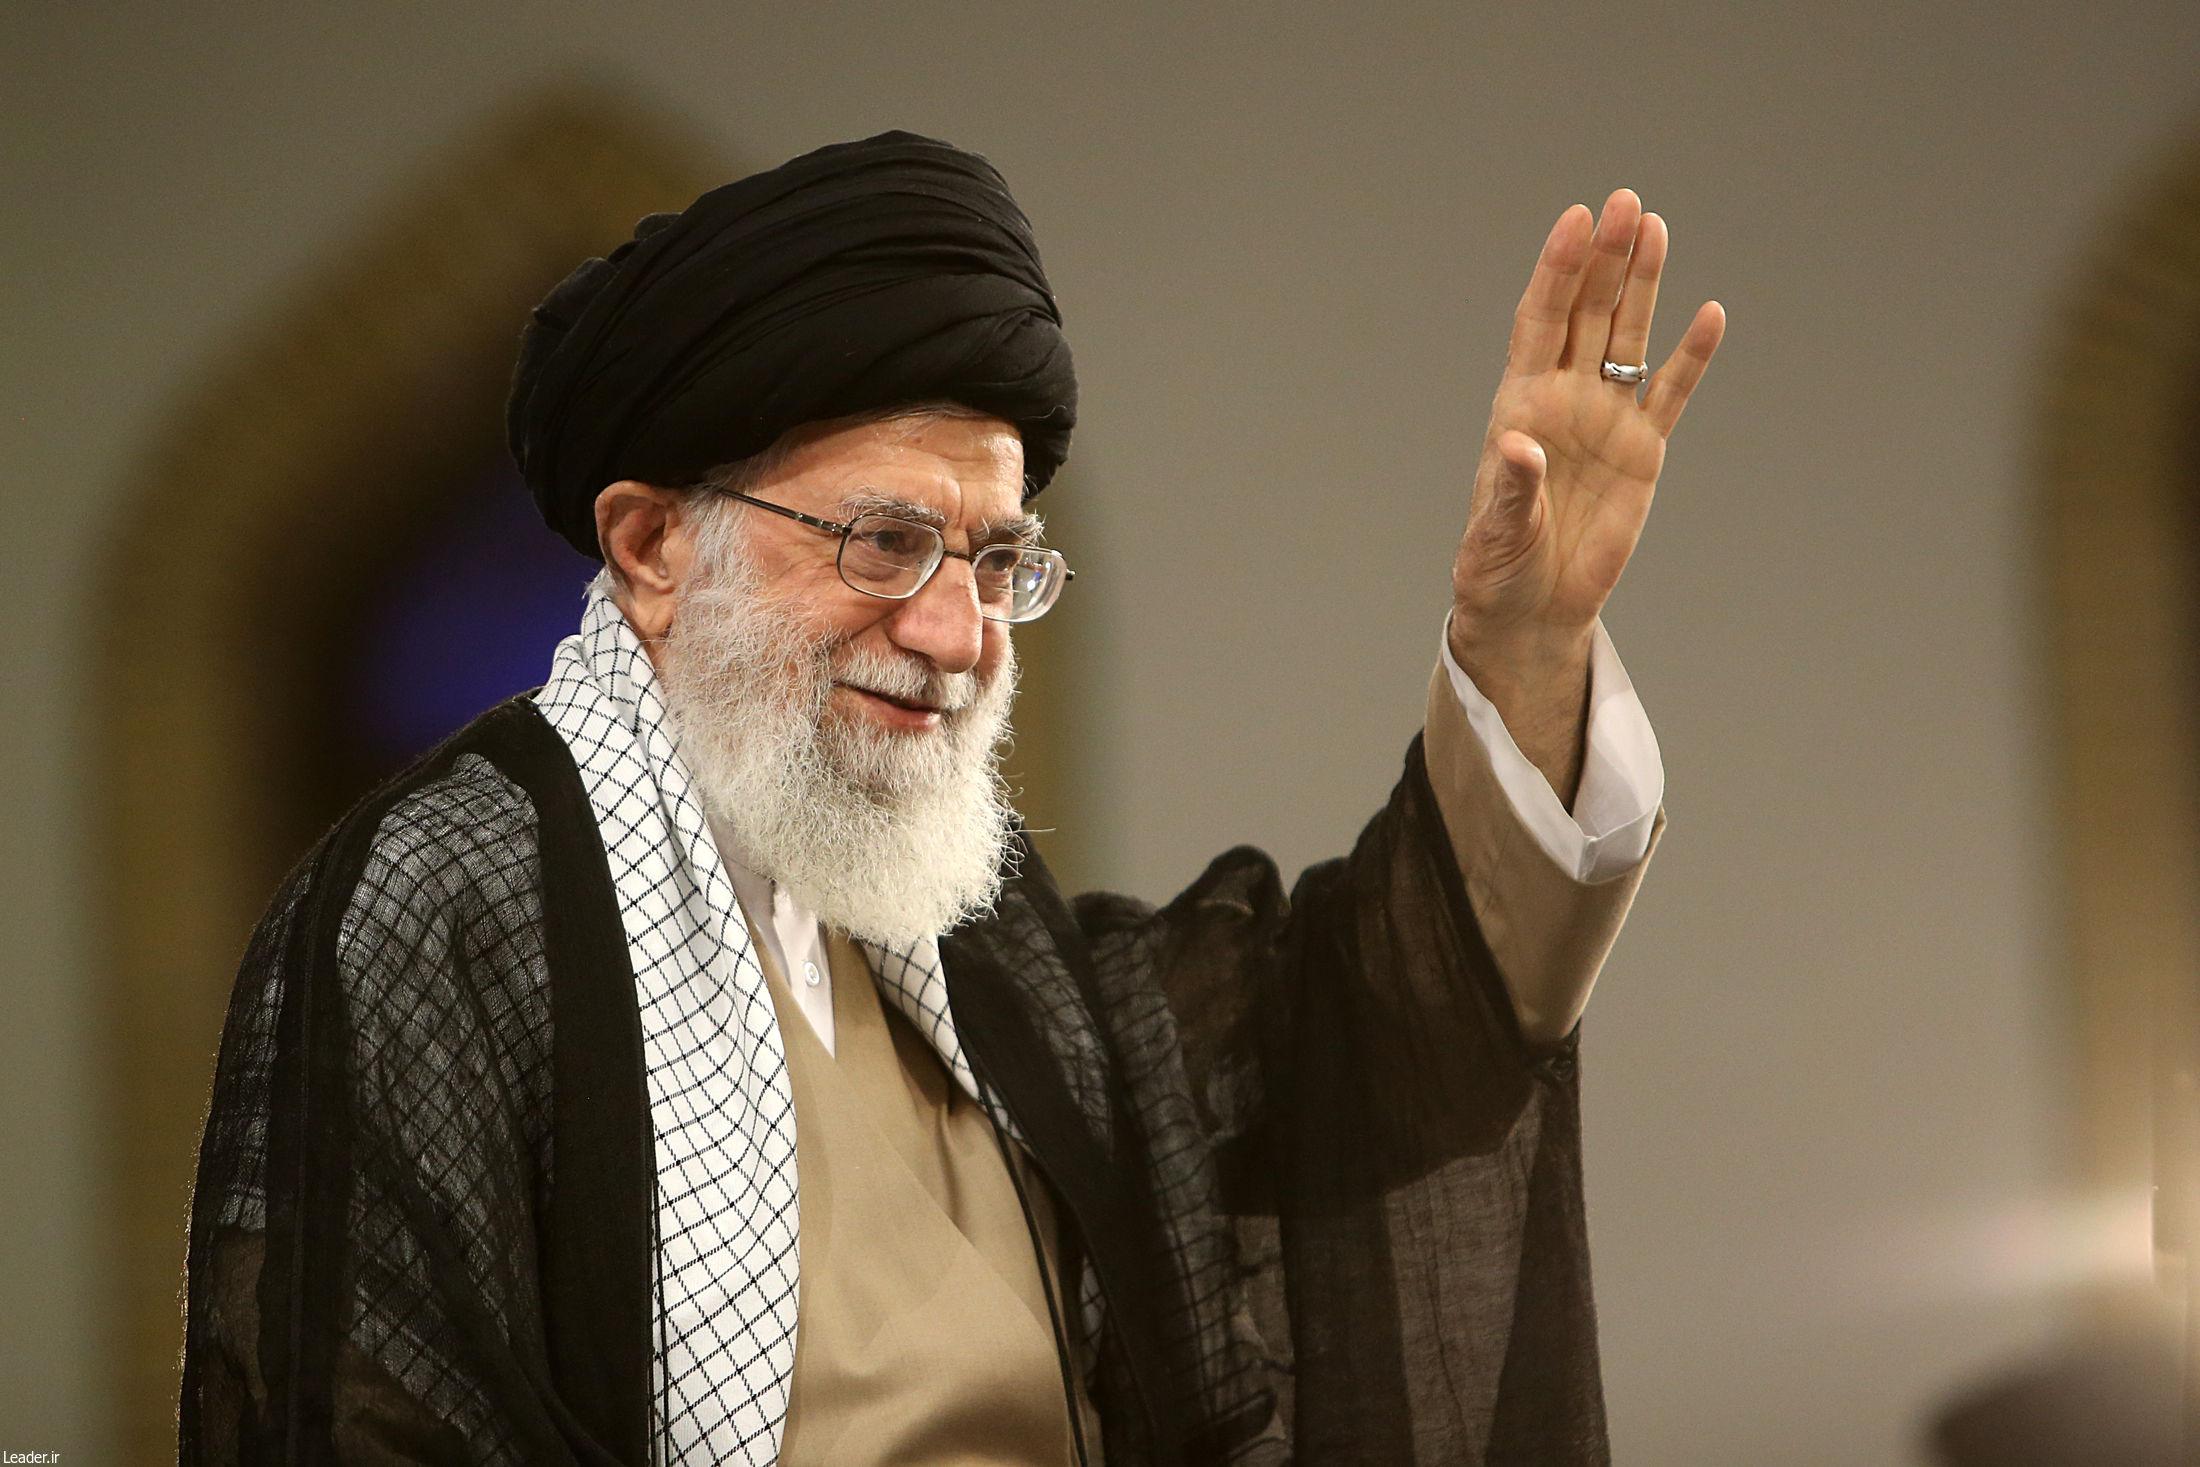 علت عبور رهبری از جریان اصول گرایی و اصلاحات ومطالبه ایجاد جریان انقلابی